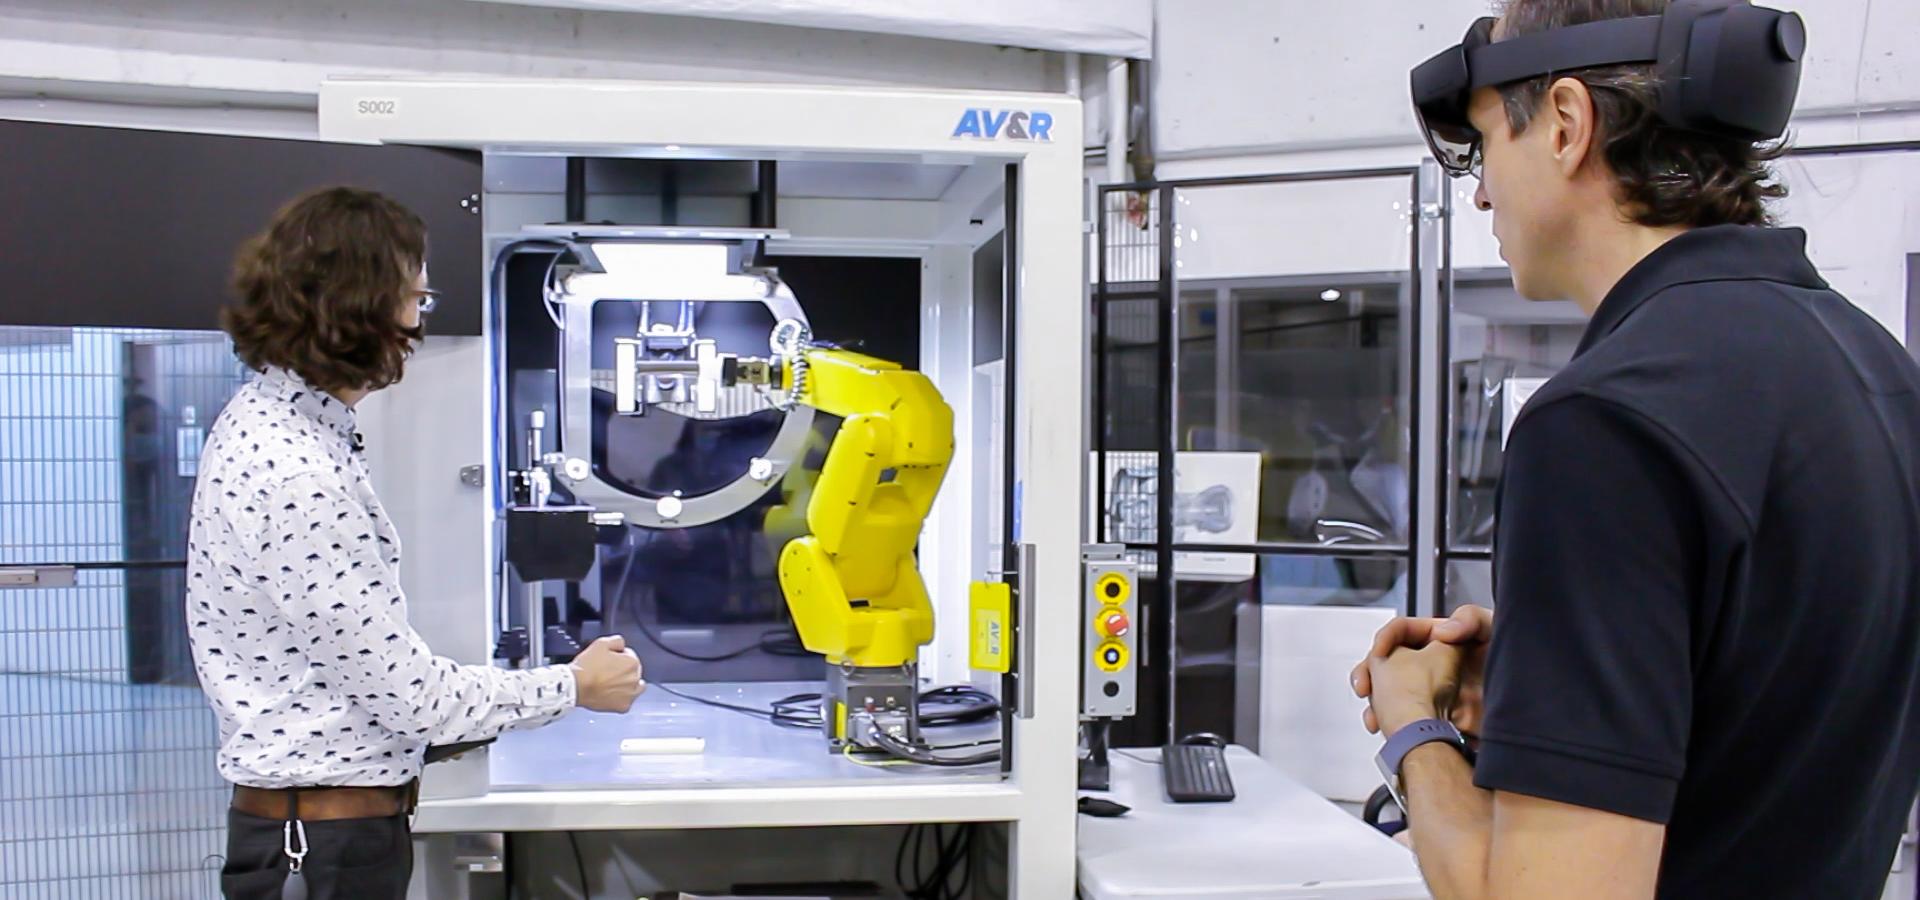 Inspection visuelle automatisée – AV&R